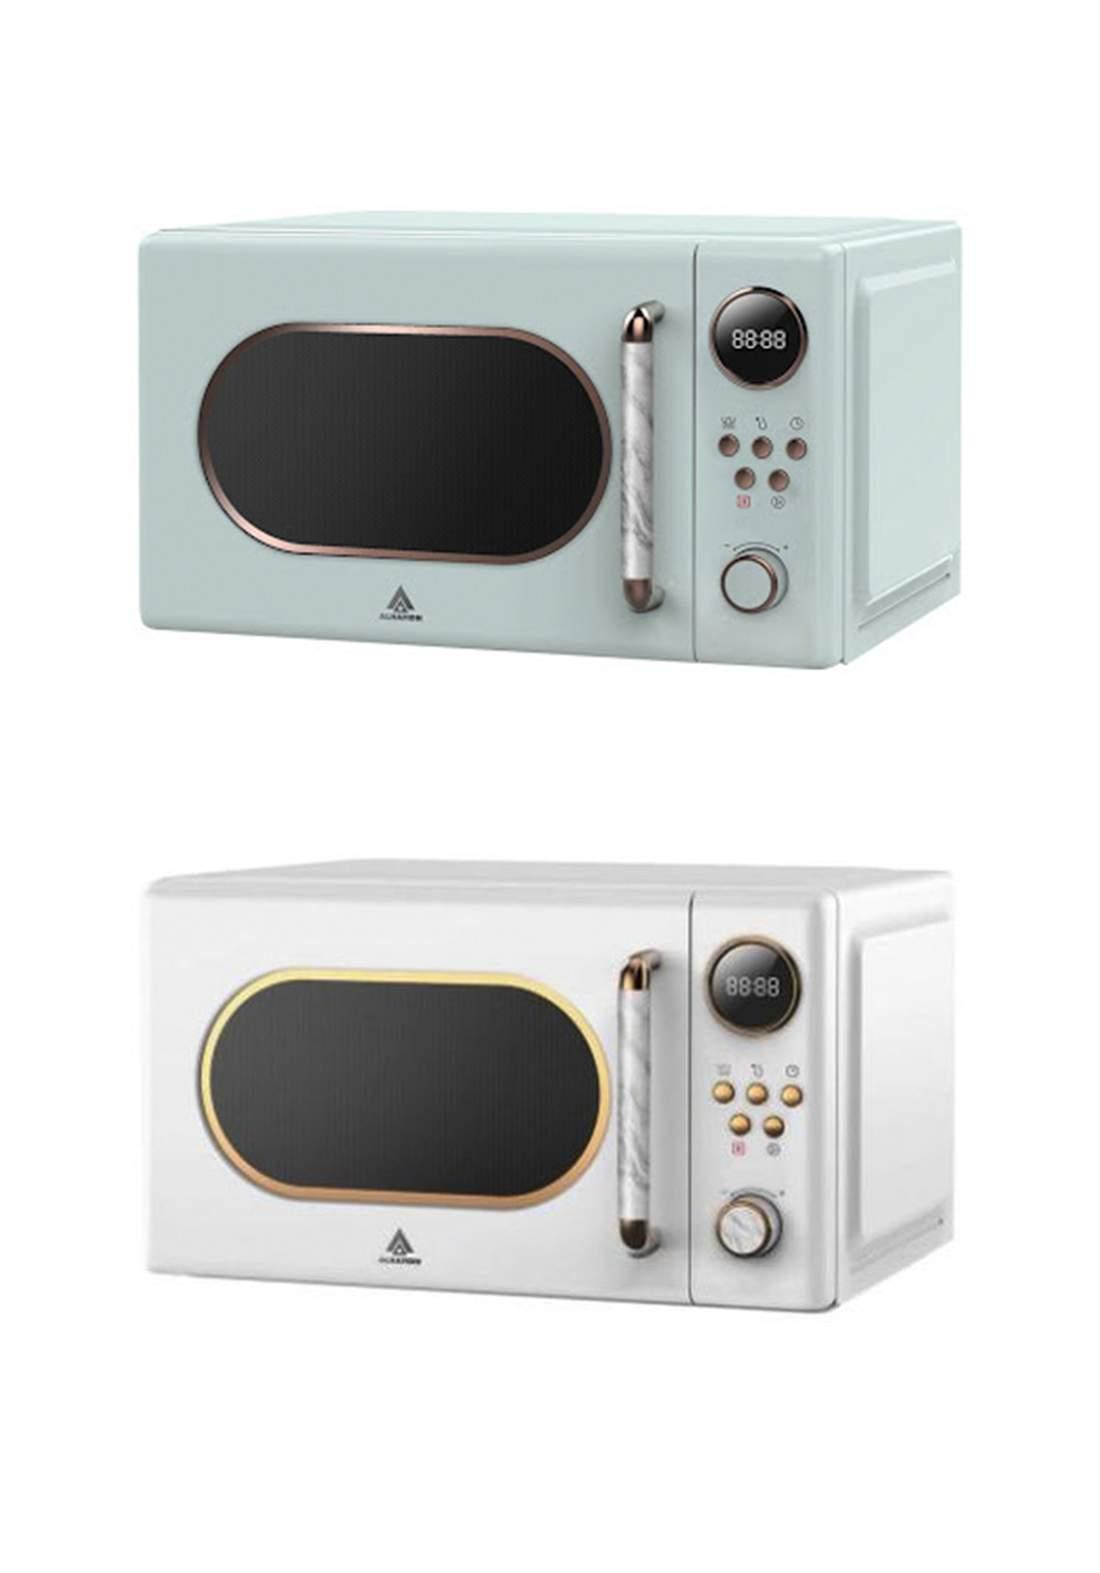 Alhafidh MWHA-20S4R  Microwave Oven 20L مايكرويف